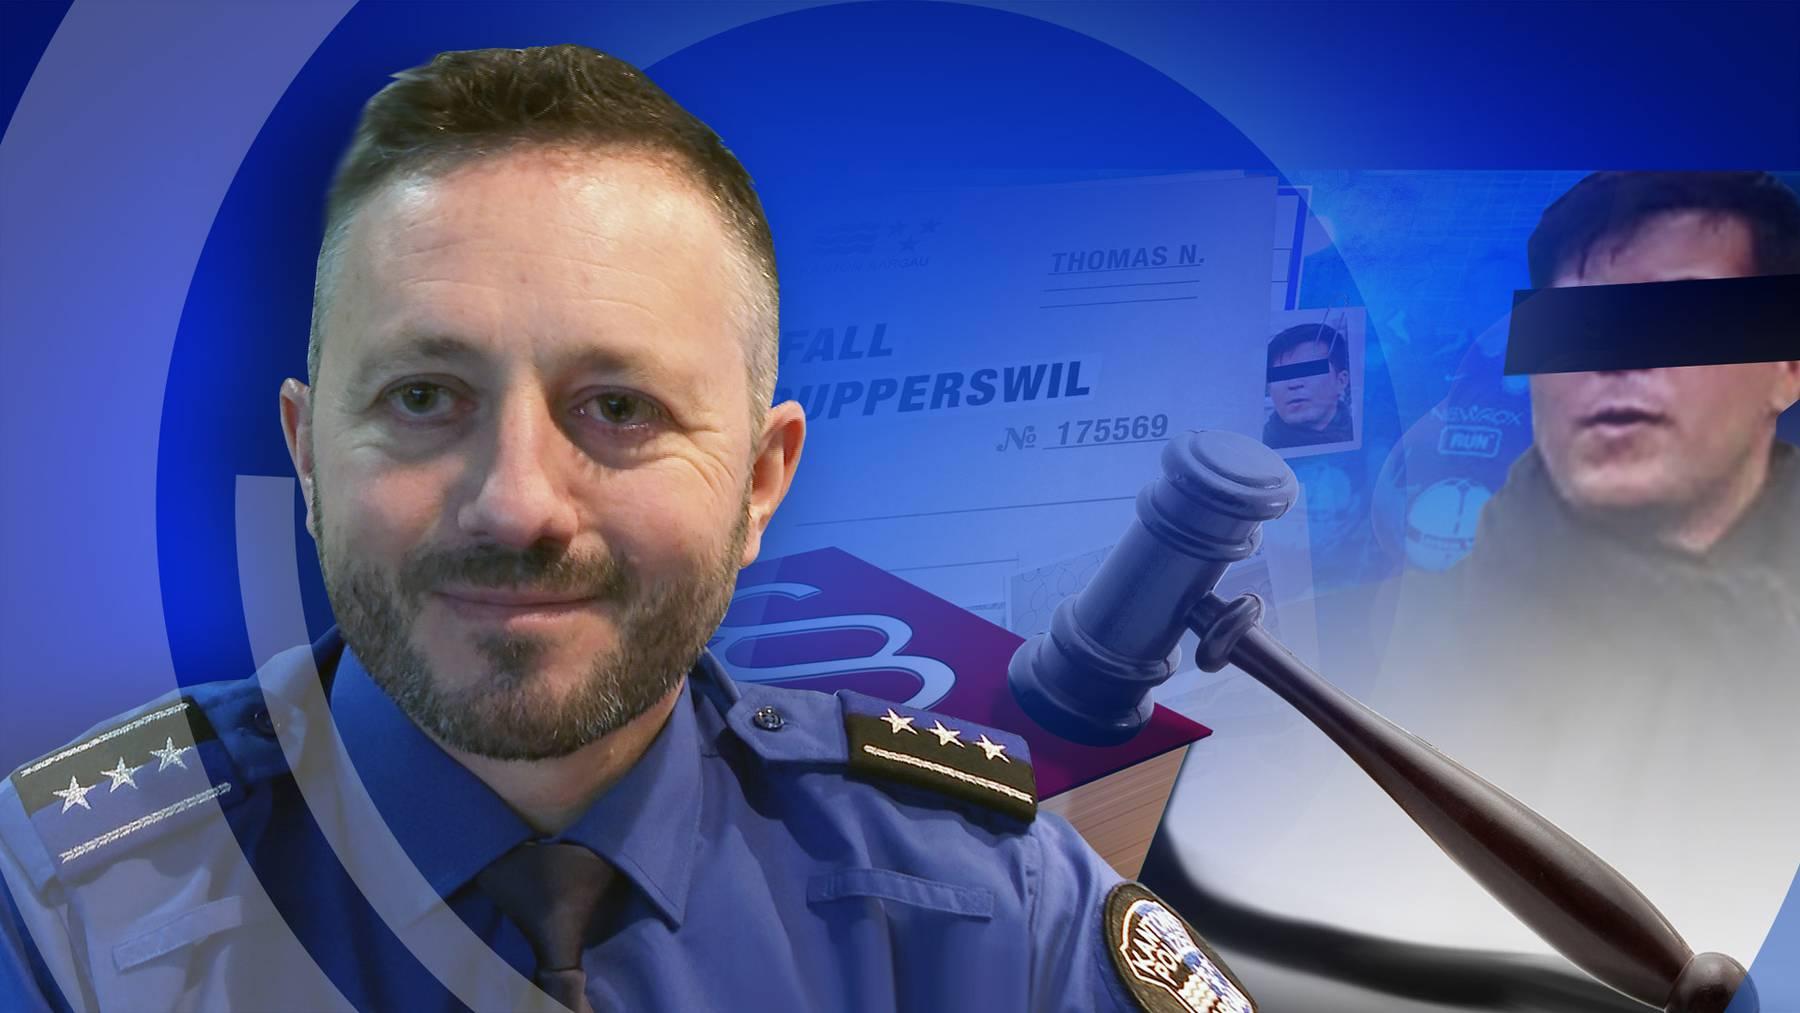 Aargauer Kripo-Chef erzählt von Ermittlungen im Fall Rupperswil